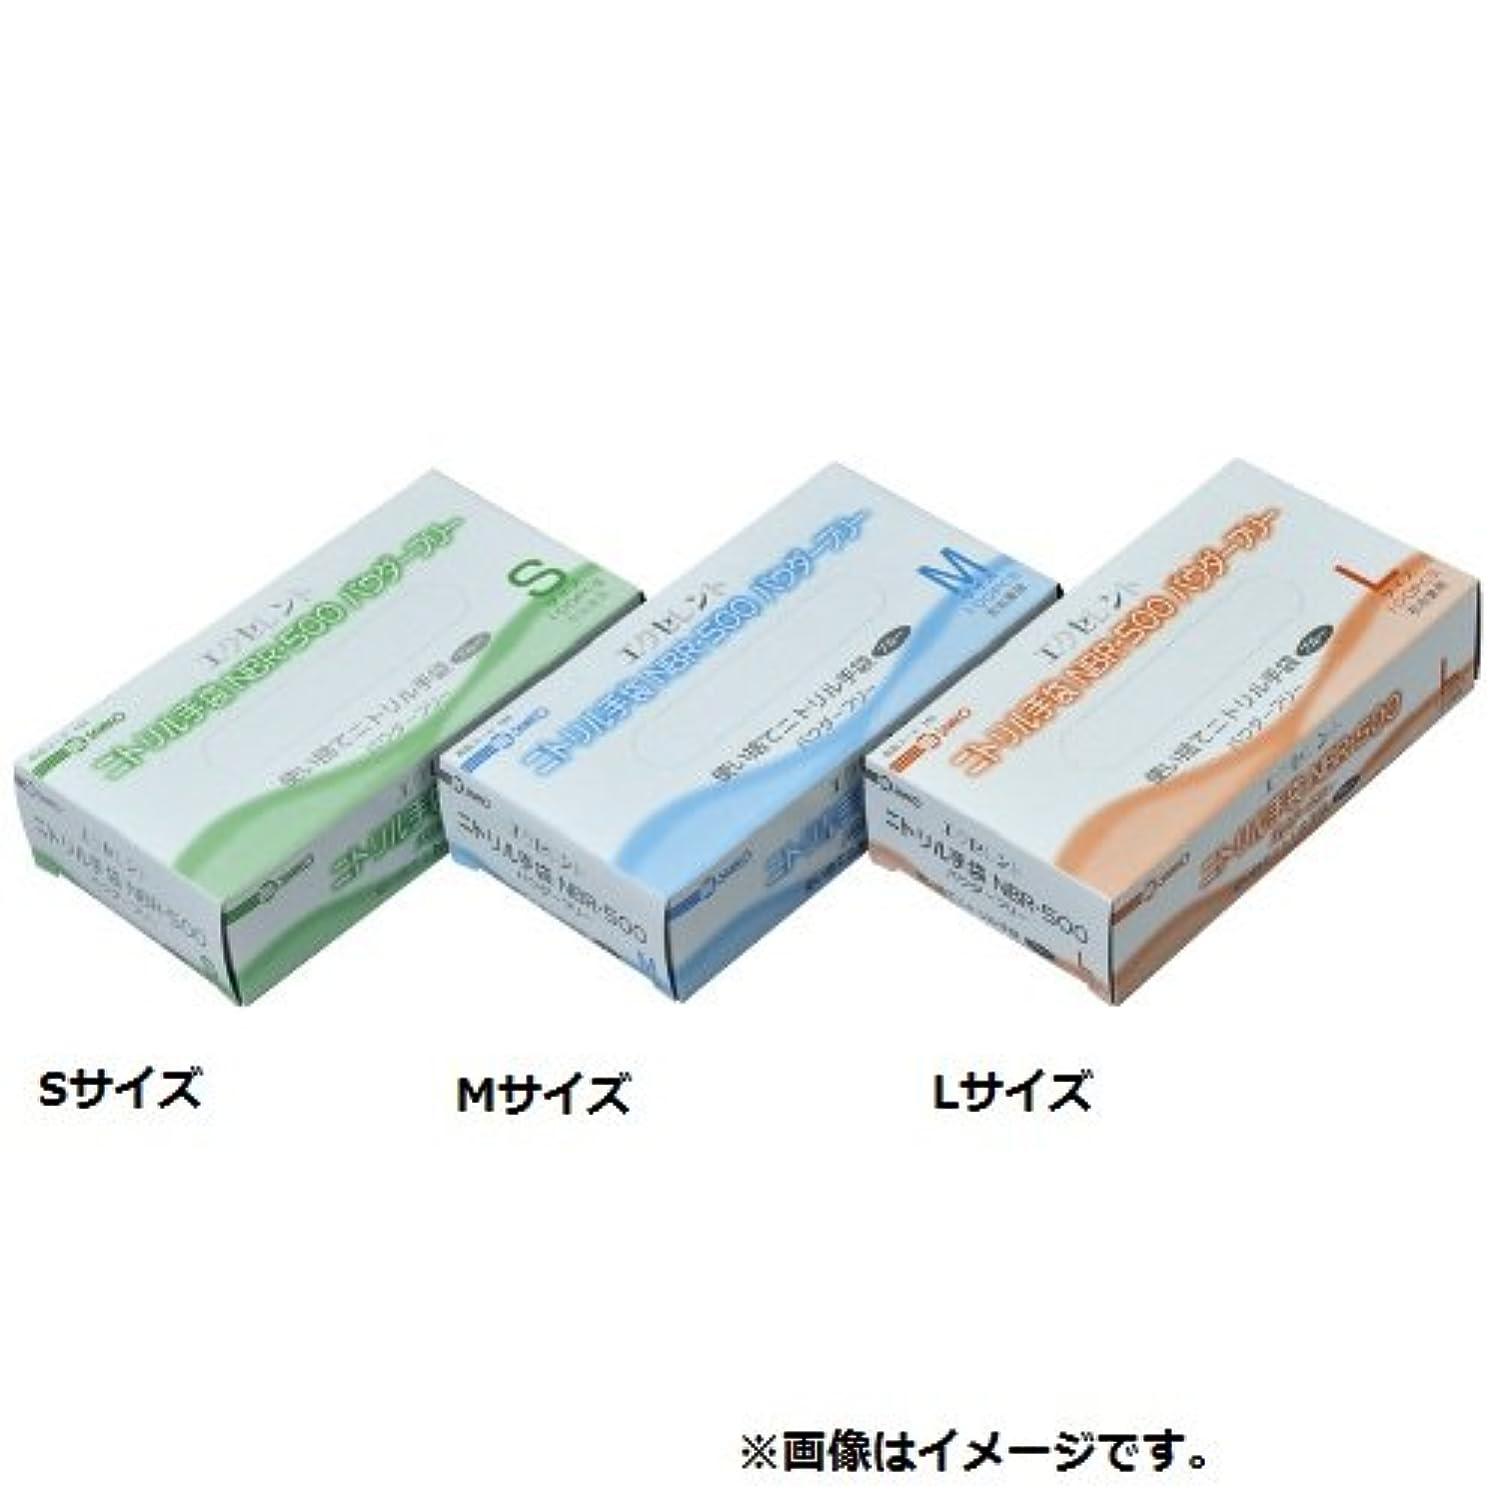 応じるピアノ数字エクセレントニトリル手袋NBR-500パウダーフリー S カラー:ブルー 入数:1箱(100枚)×20箱